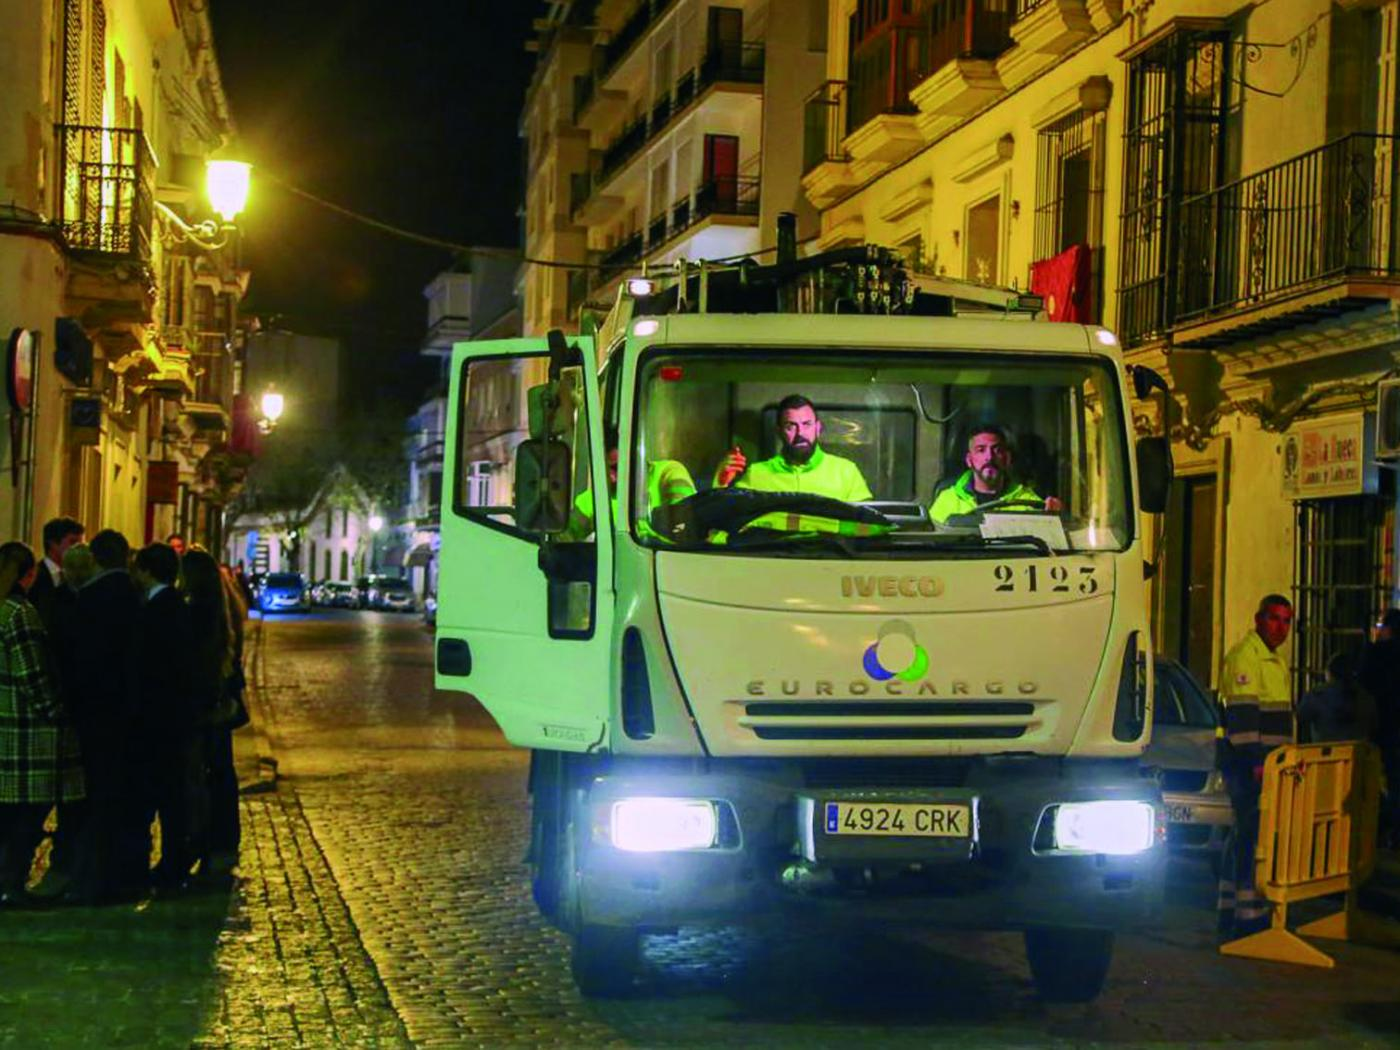 Urbaser y Cojetusa copan el 60% de los pagos por sentencias del Ayuntamiento de Jerez